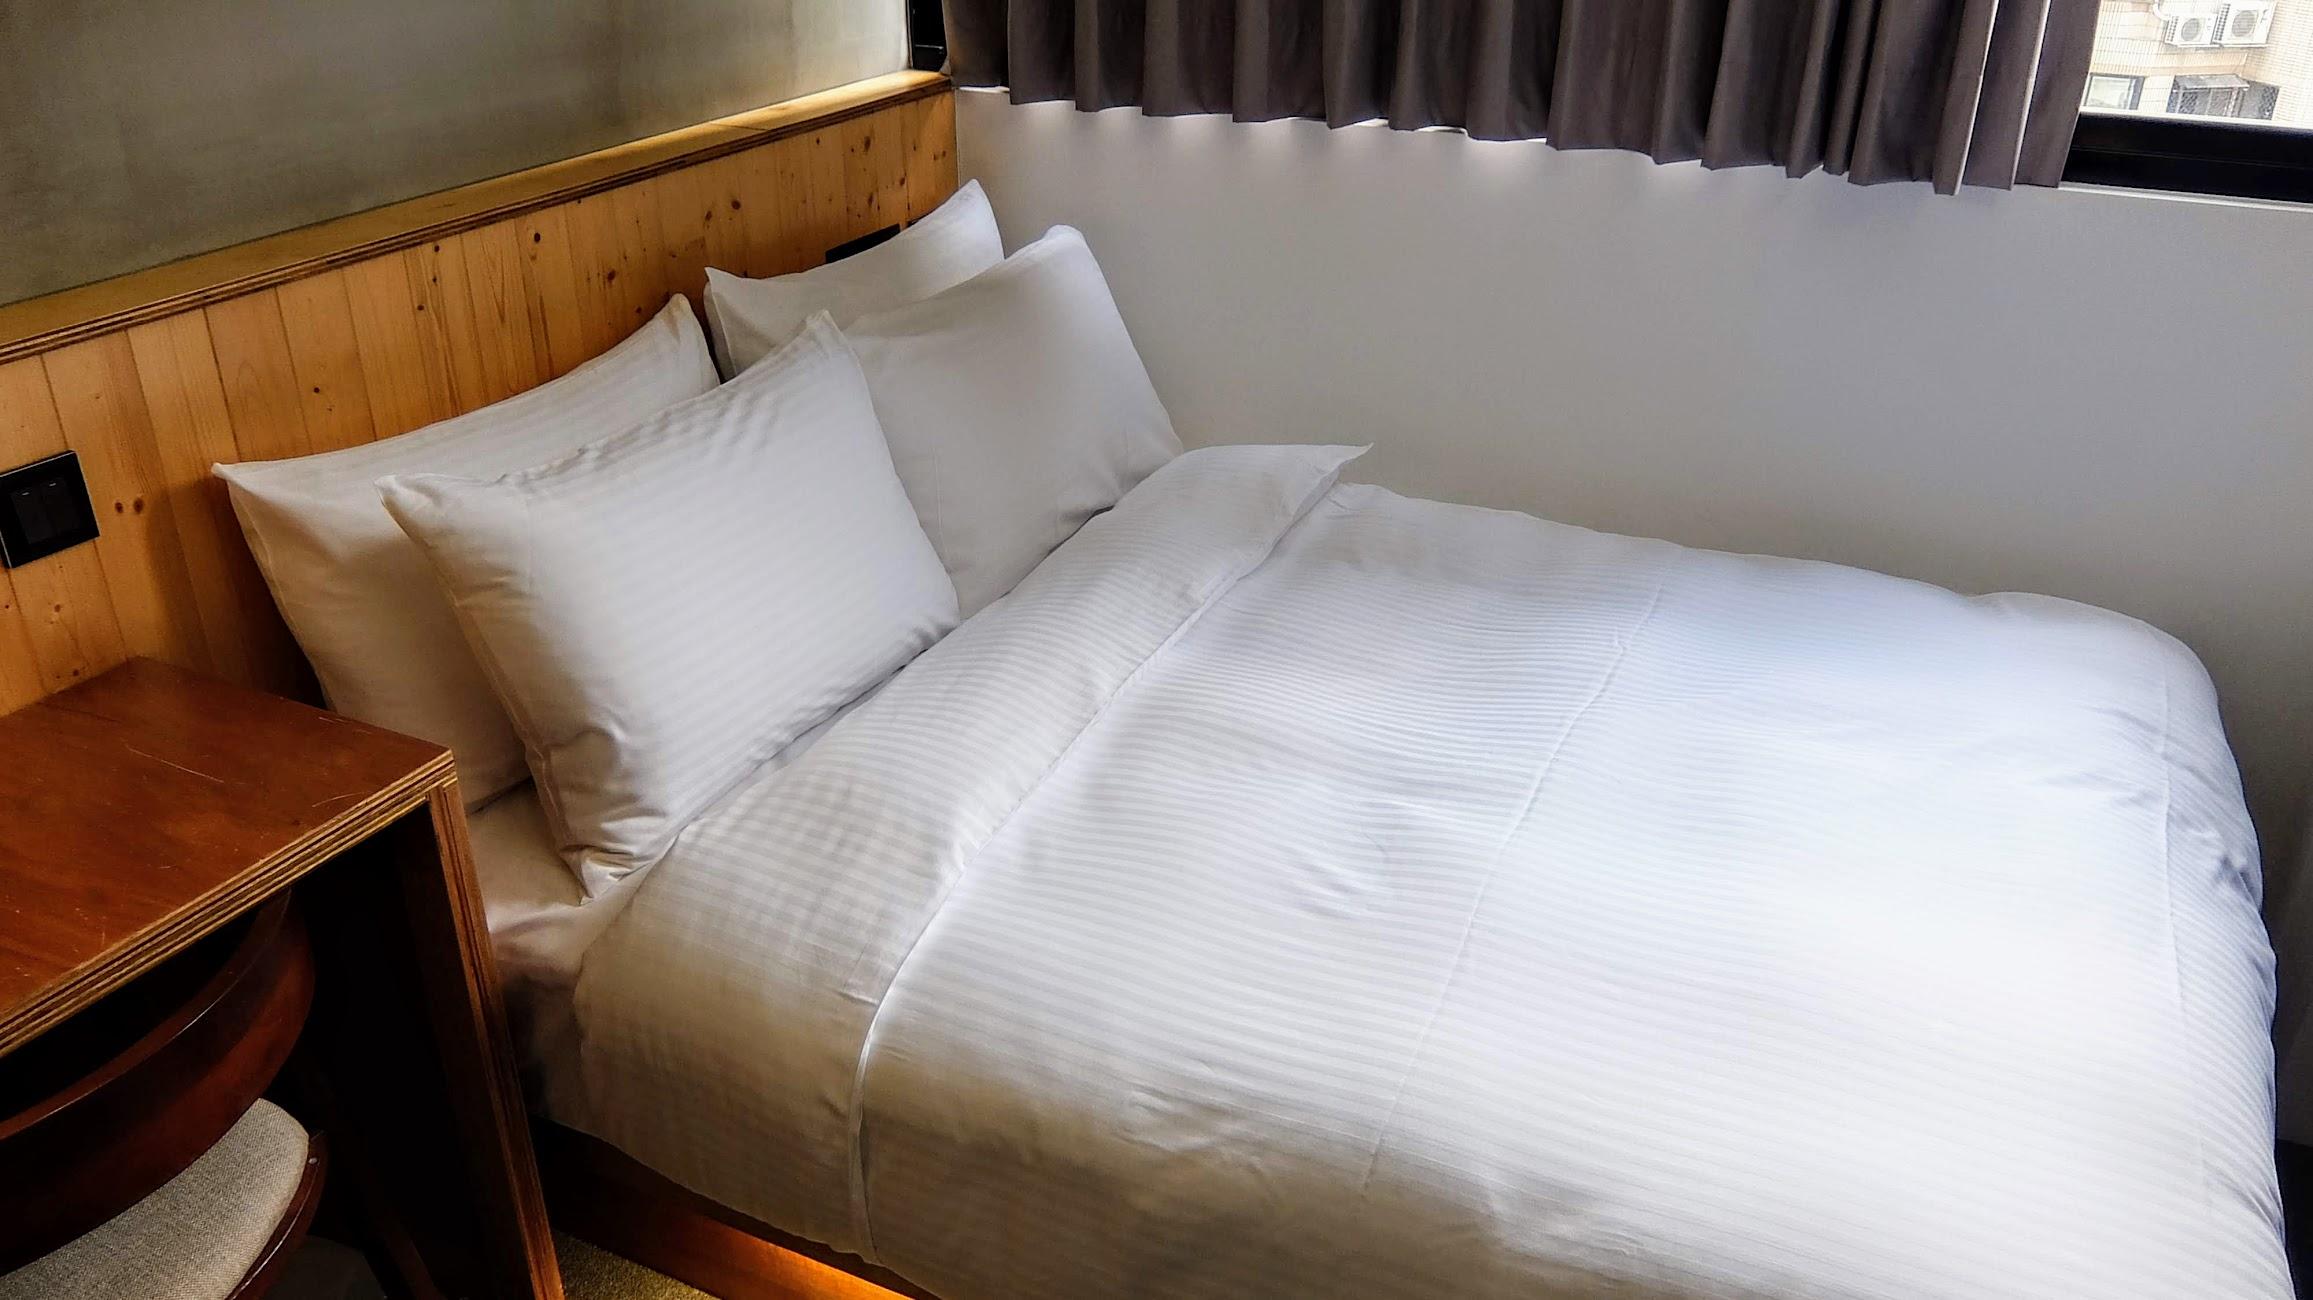 這是我們這次住的房間,看起來是雙人床,但因為我們發現單人床比較小,決定加大床行,就是長這樣子...外頭有窗戶可以看到外頭的....高樓大廈